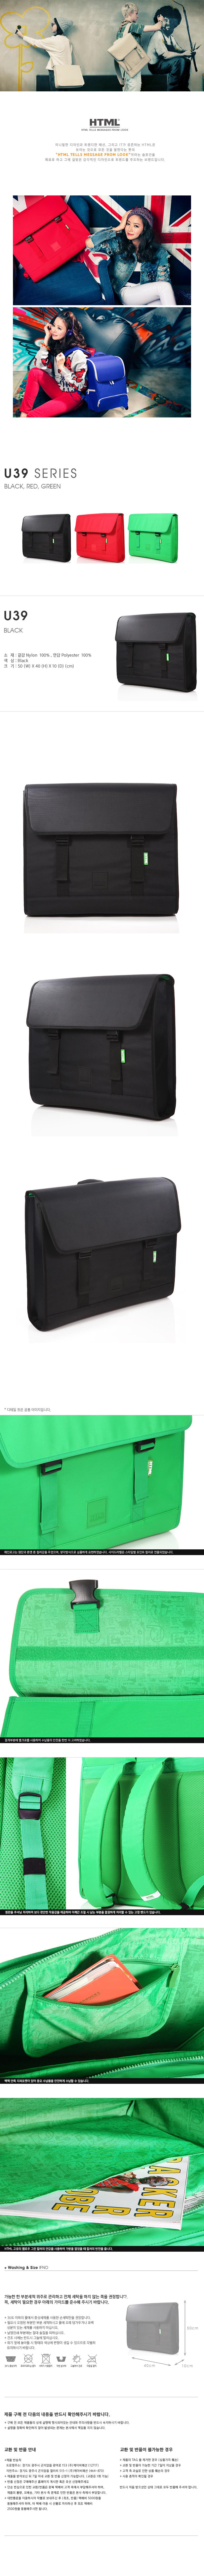 [에이치티엠엘]HTML - U39 backpack (Black)_인기백팩